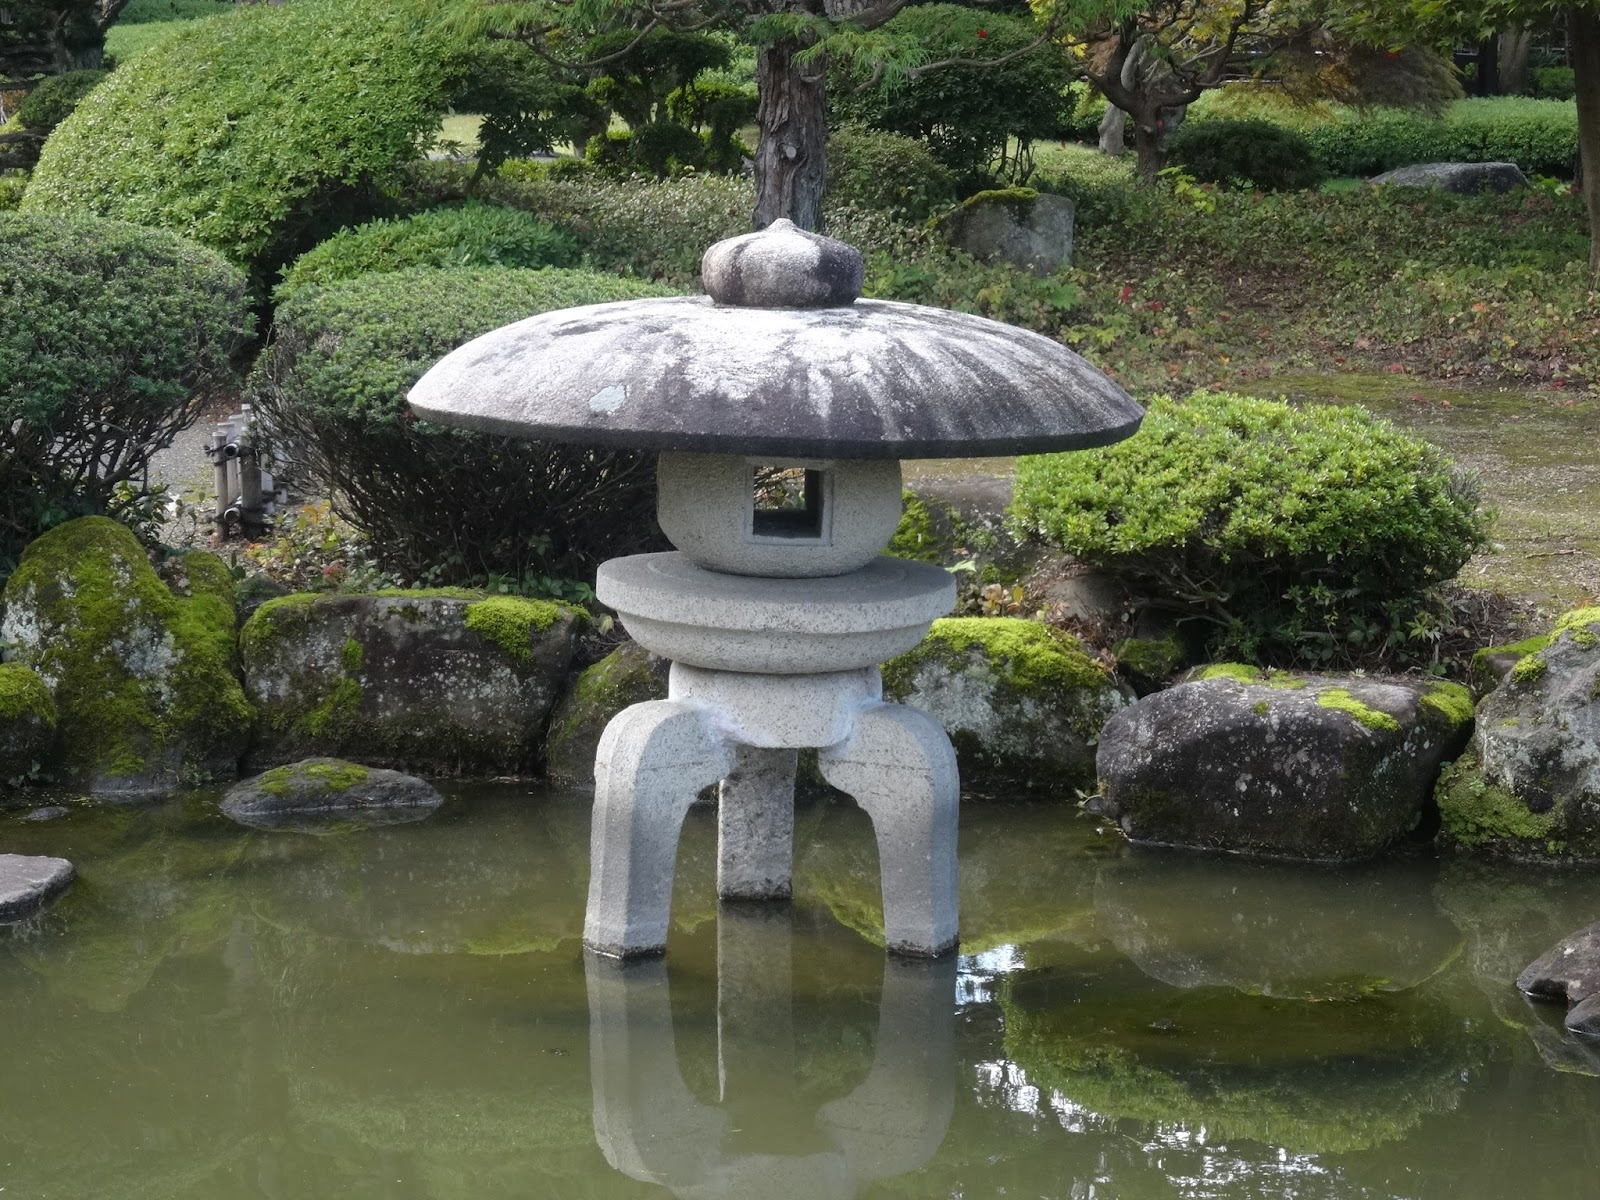 石灯籠,藤田記念庭園,弘前,青森〈著作権フリー画像〉Free Stock Photos